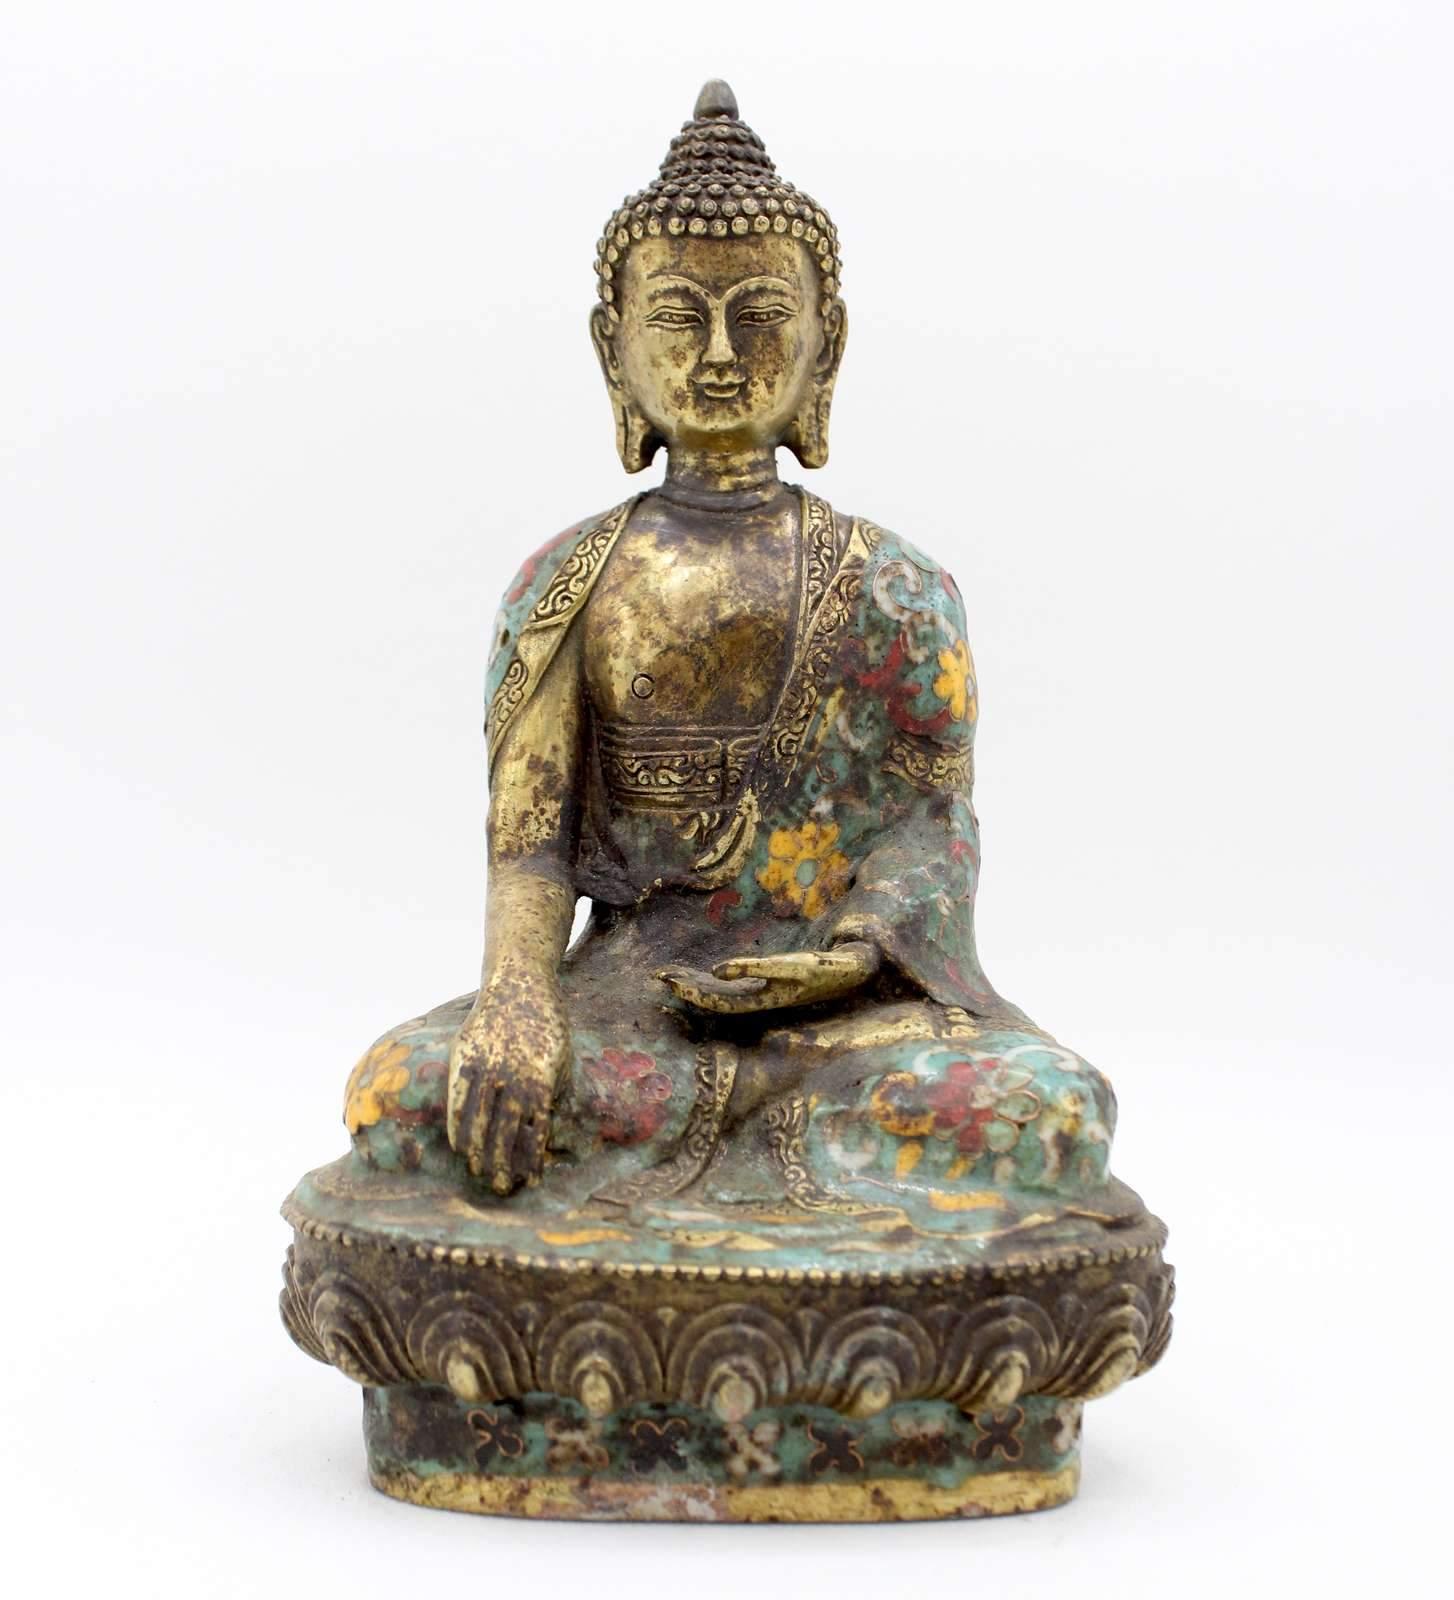 buddha kopf garten inspirierend cloisonne siddharta buddha 20cm bronze figur of buddha kopf garten